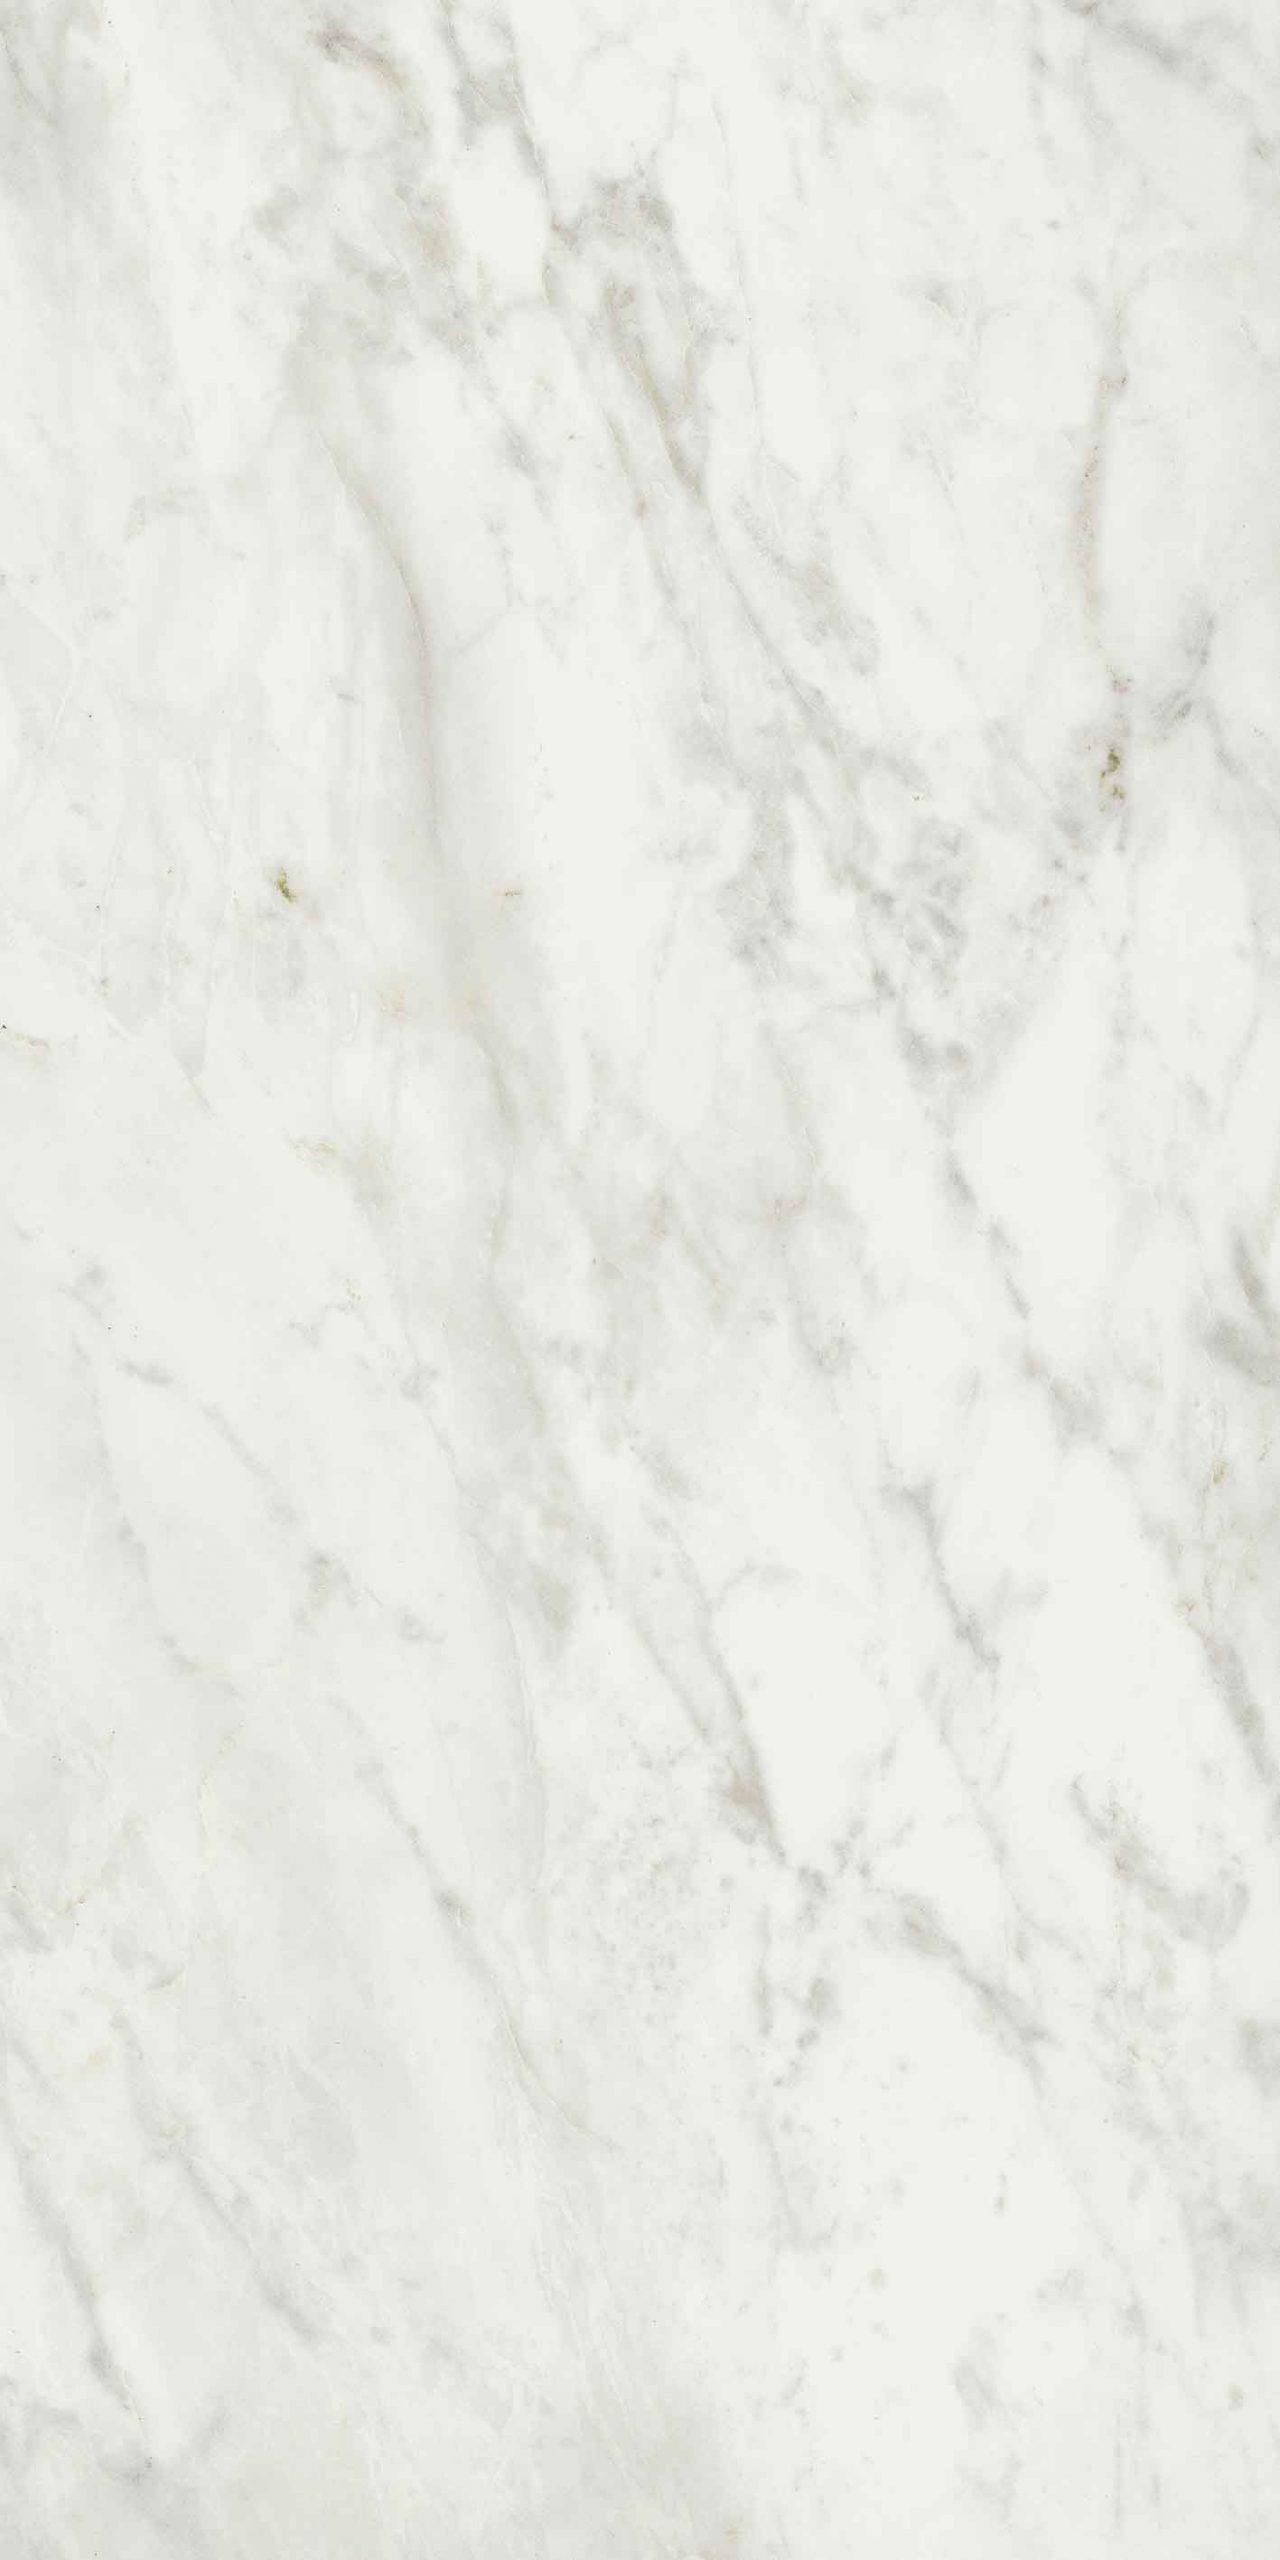 Exalt of Cerim Magic White Matte 10mm 60 x 120